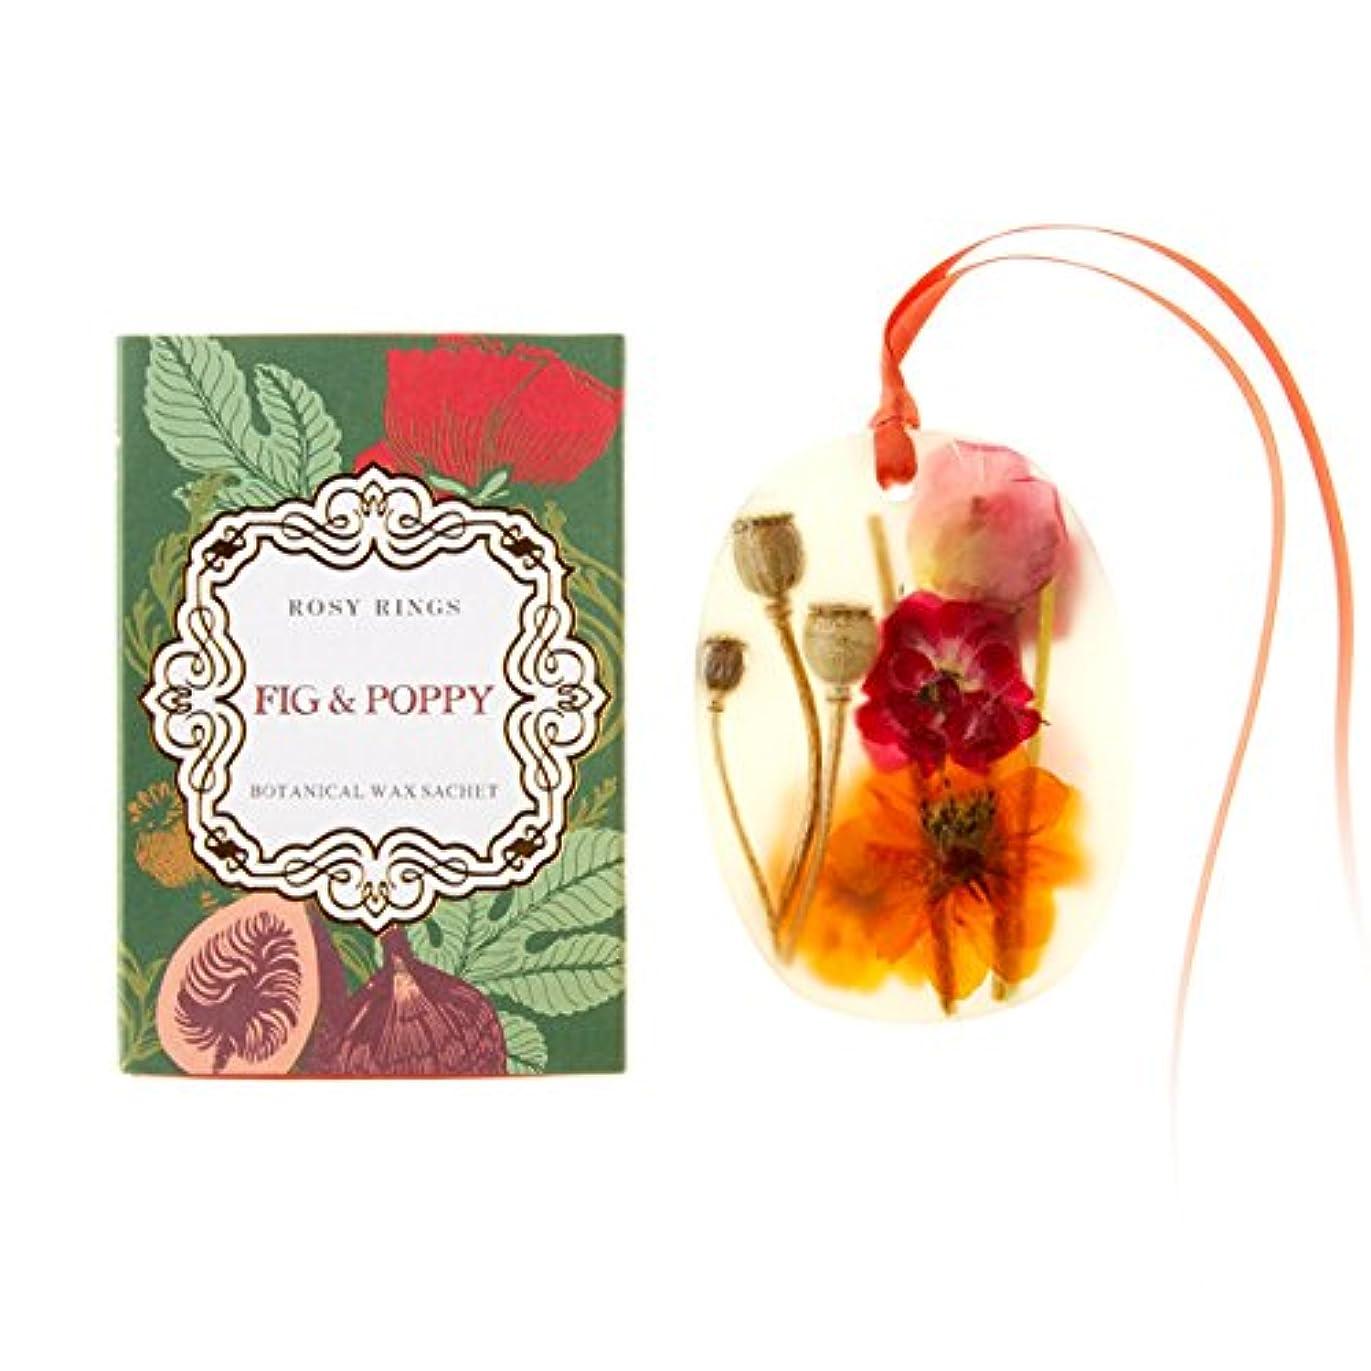 一杯句読点環境に優しいロージーリングス プティボタニカルサシェ フィグ&ポピー ROSY RINGS Petite Oval Botanical Wax Sachet Fig & Poppy